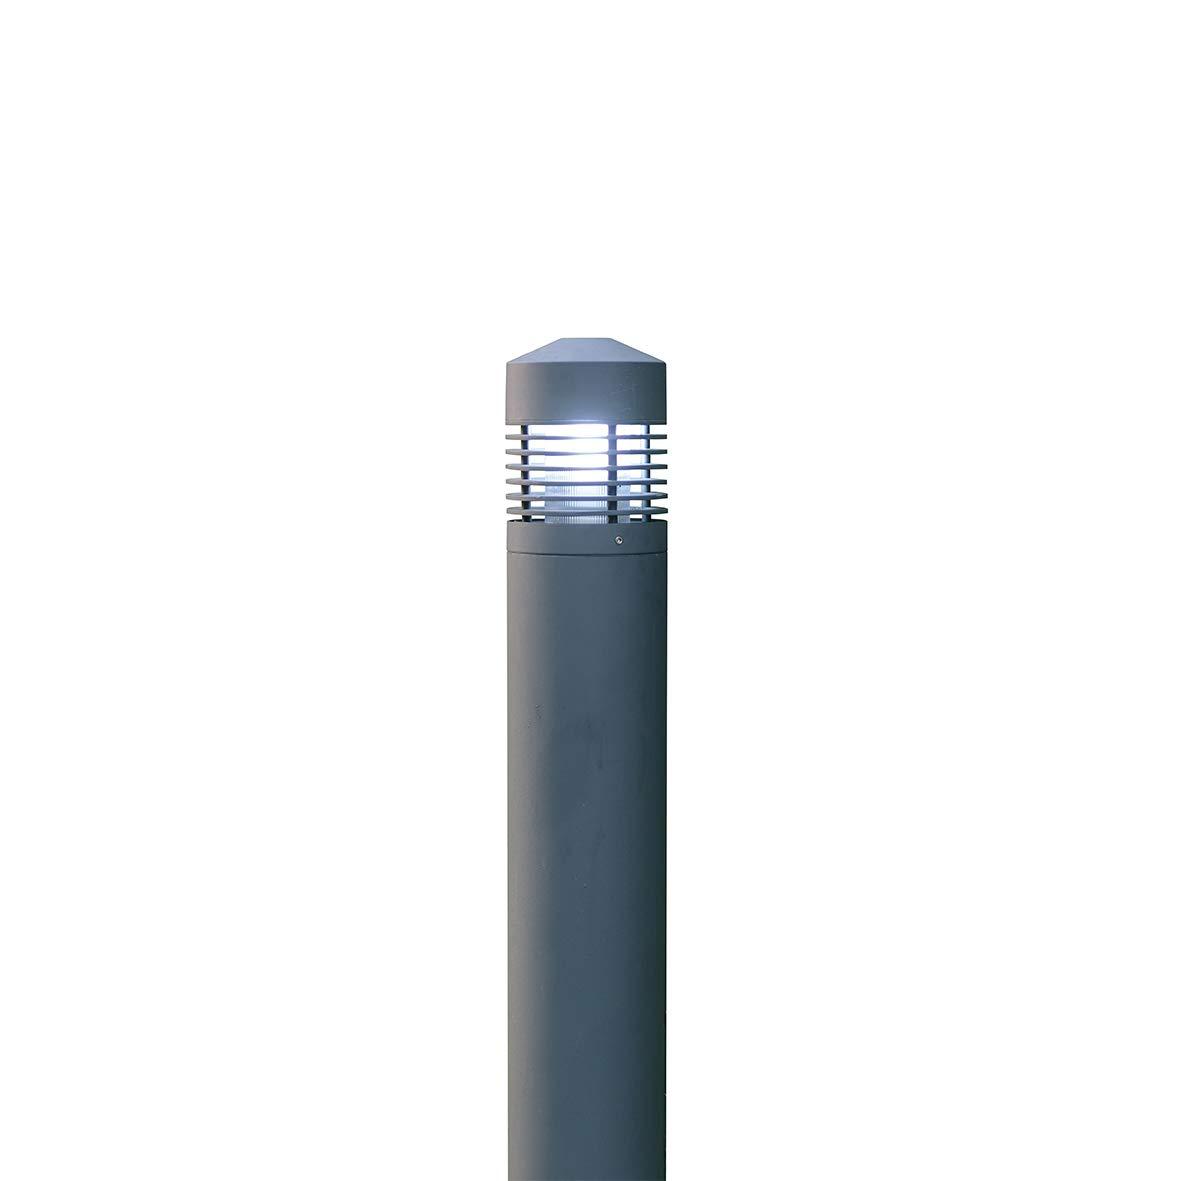 Palo Ø170x800 E27 60W max. colore  grigio.